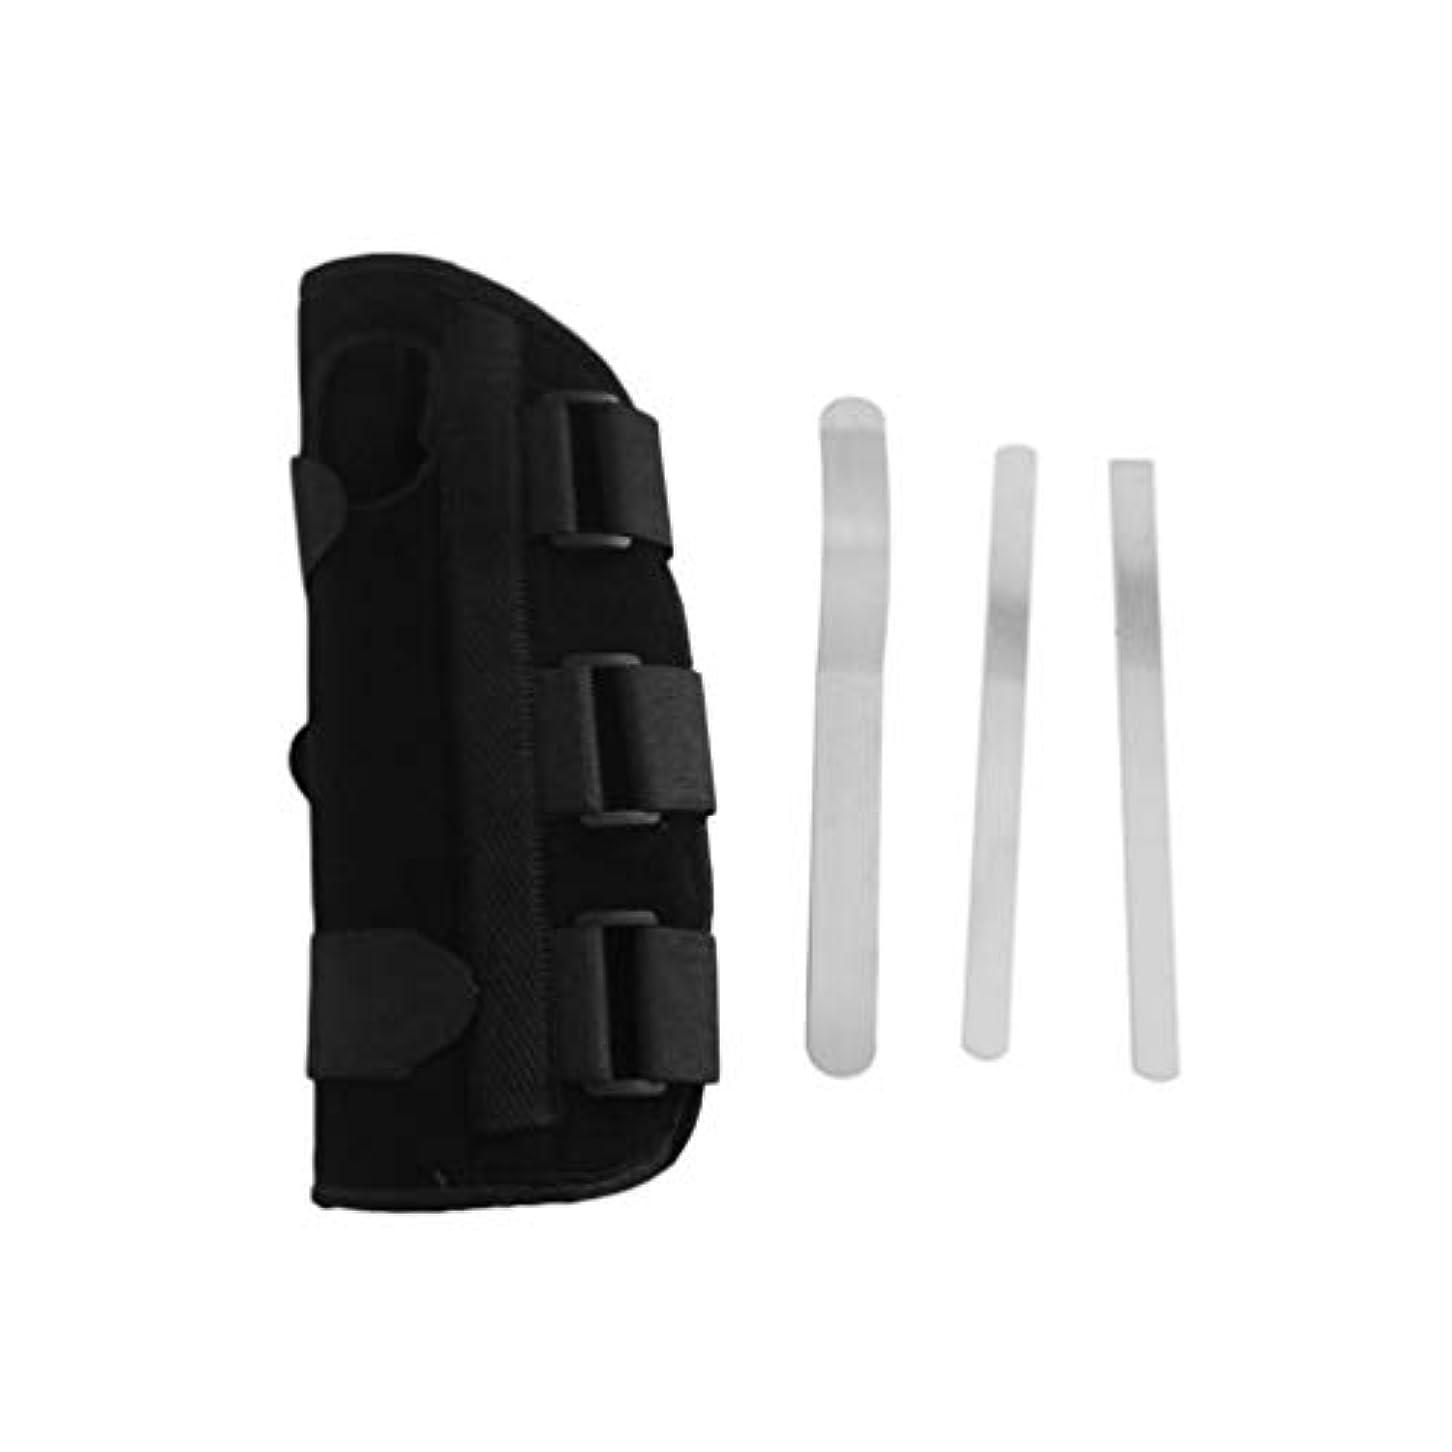 透けて見えるキュービック成り立つ手首副木ブレース保護サポートストラップカルペルトンネルCTS RSI痛み軽減リムーバブル副木快適な軽量ストラップ - ブラックM